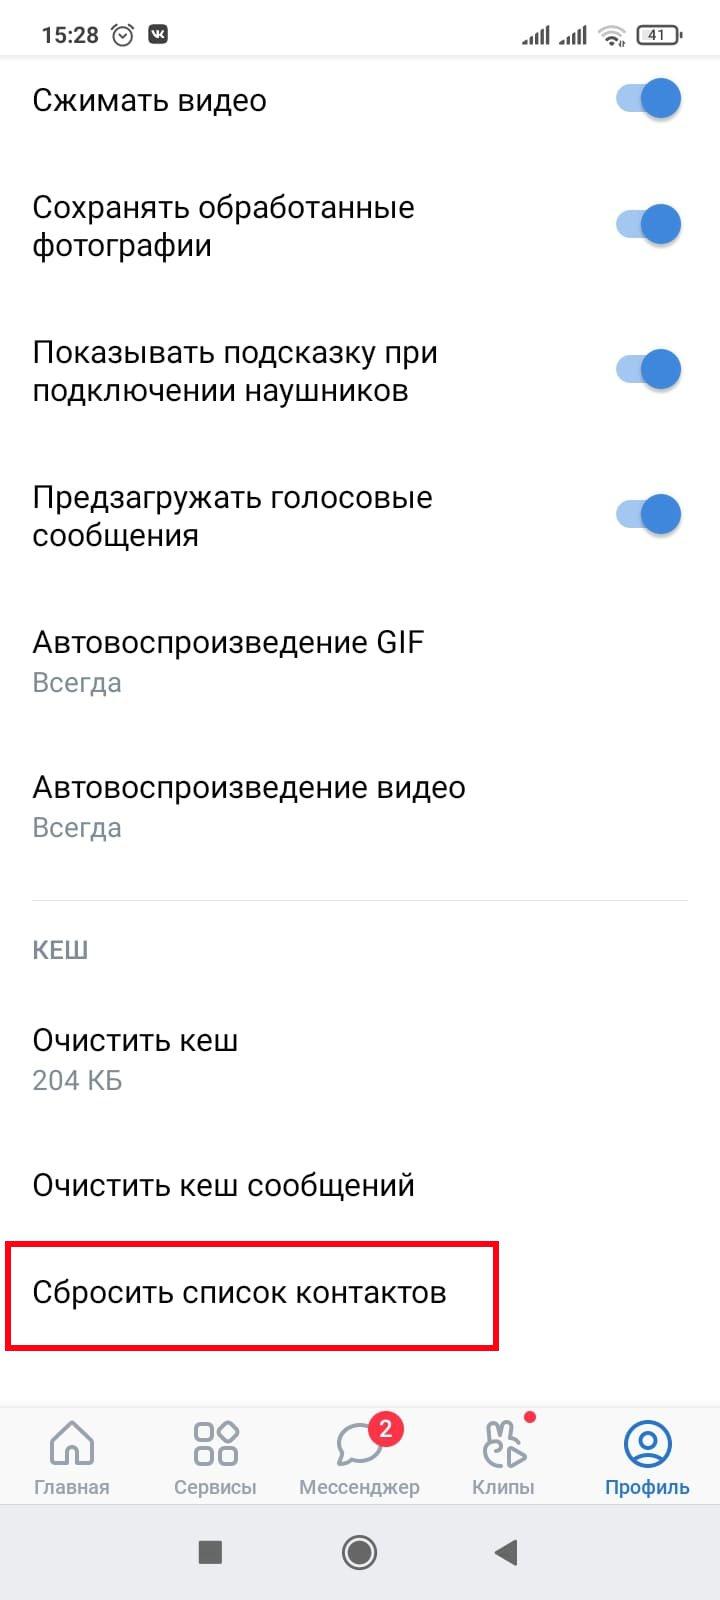 Выбор пункта «Сбросить список контактов»